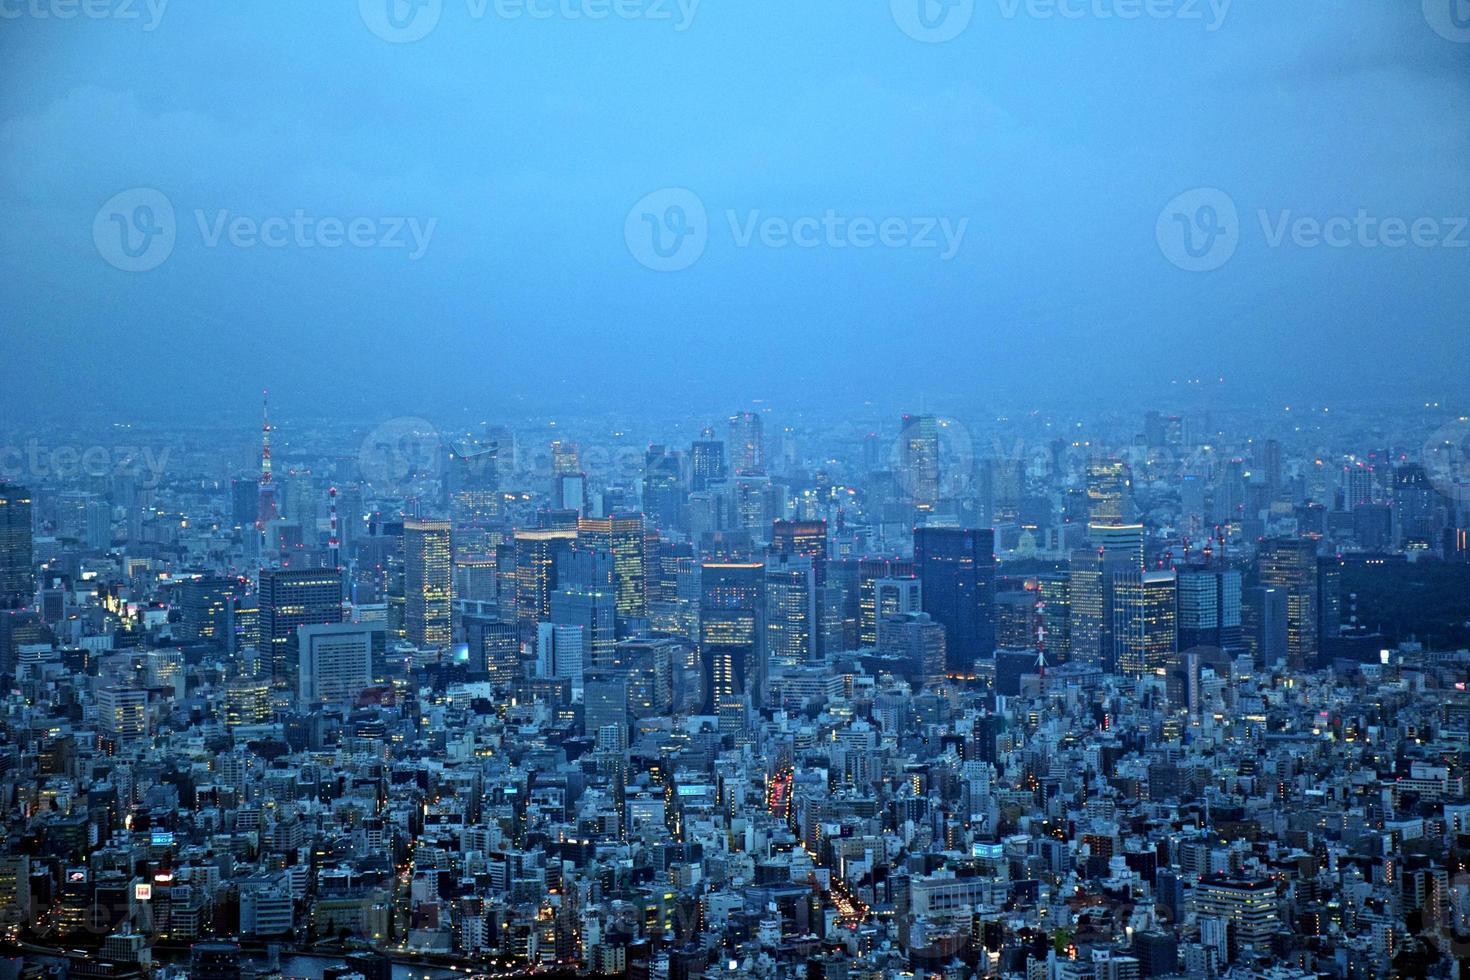 Tokyo at dusk photo